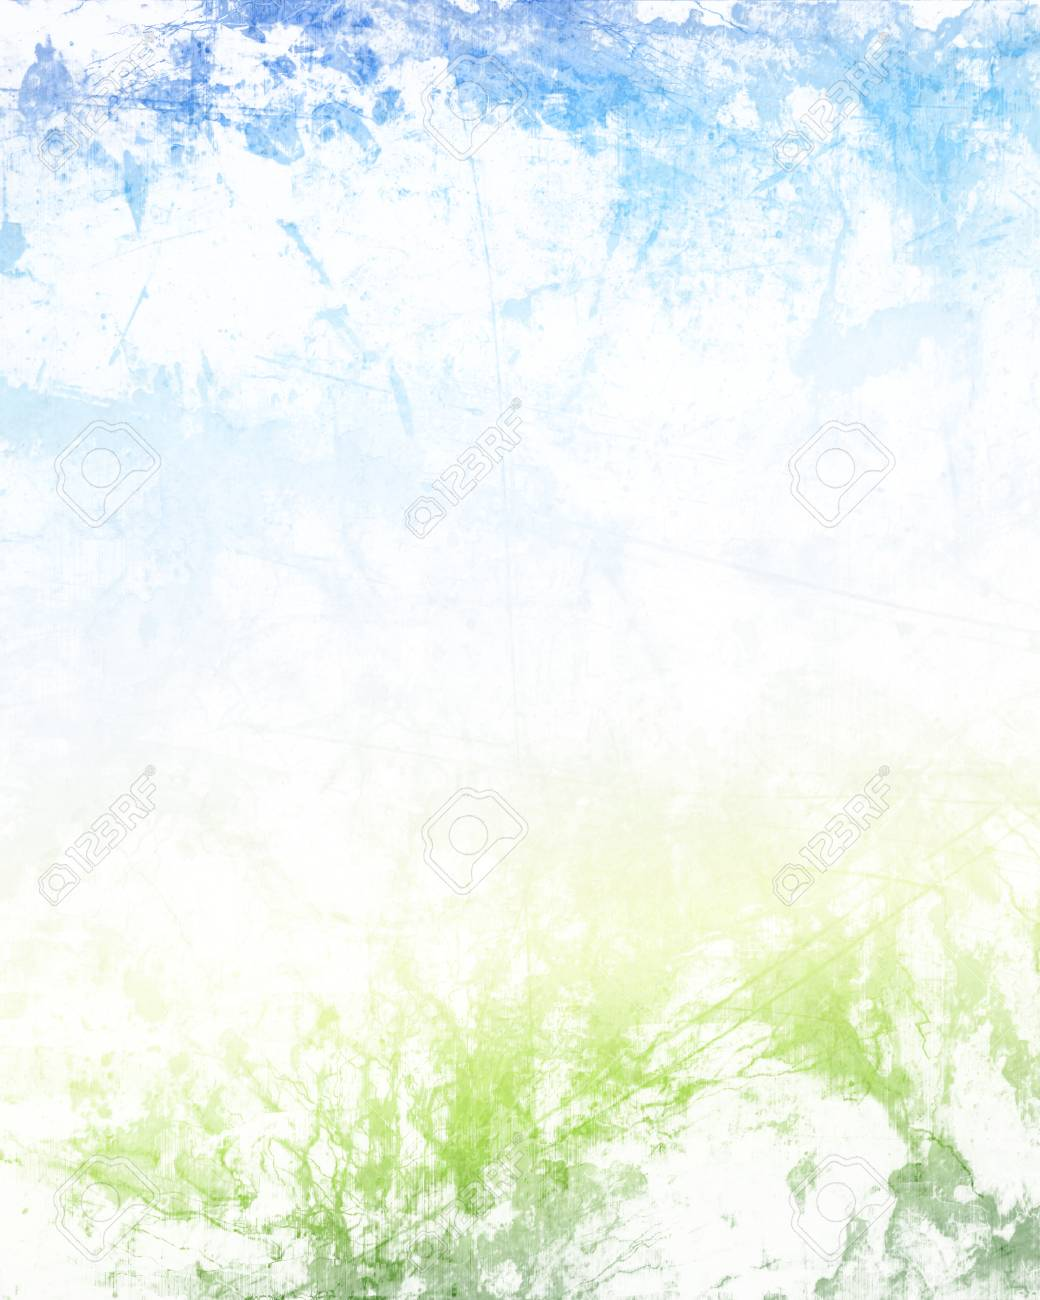 Immagini Stock Astratto Sfondo Nei Colori Blu Bianco E Verde